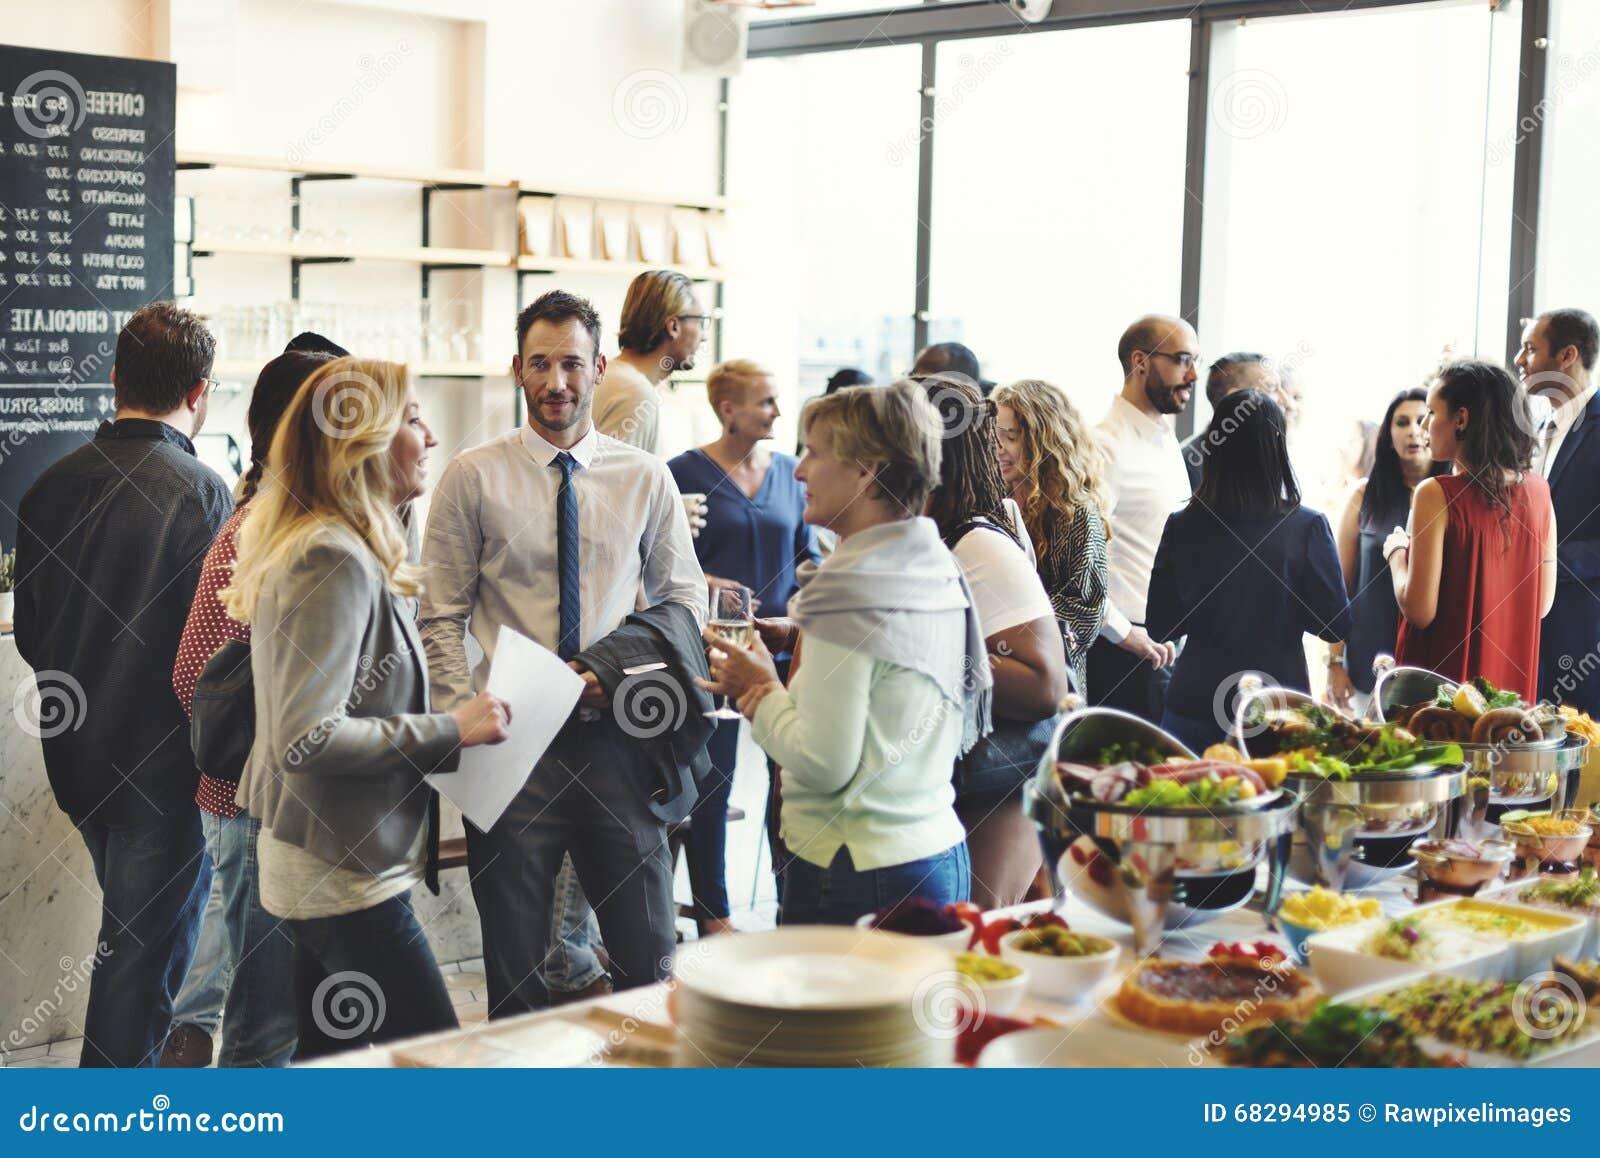 Różnorodności śniadanio-lunch kawiarni Partyjnego pojęcia ludzie